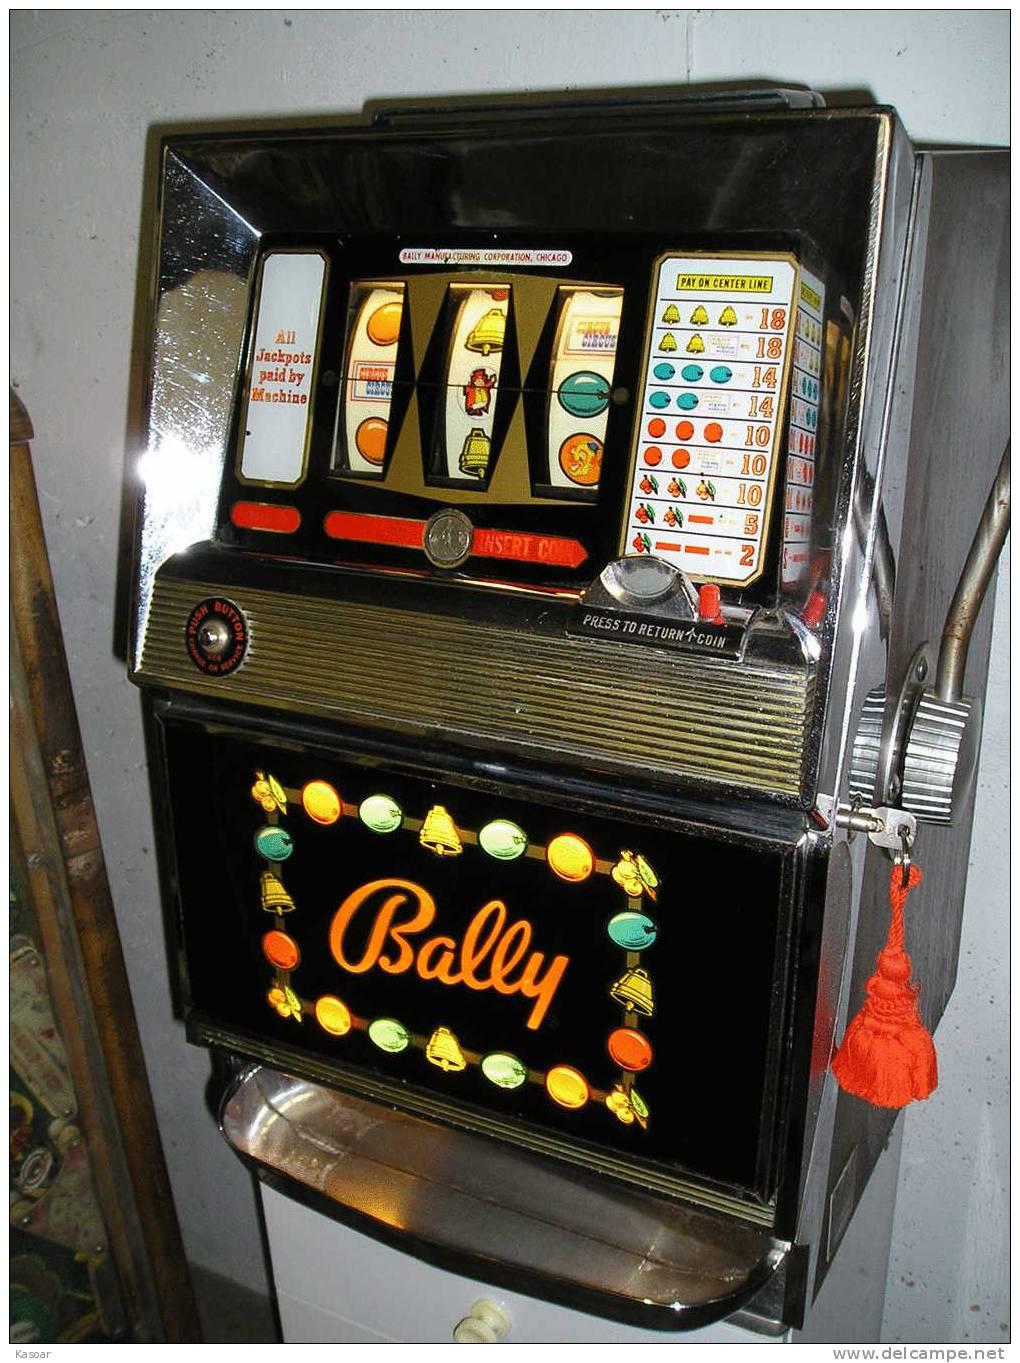 1982 Bally Slot Machine